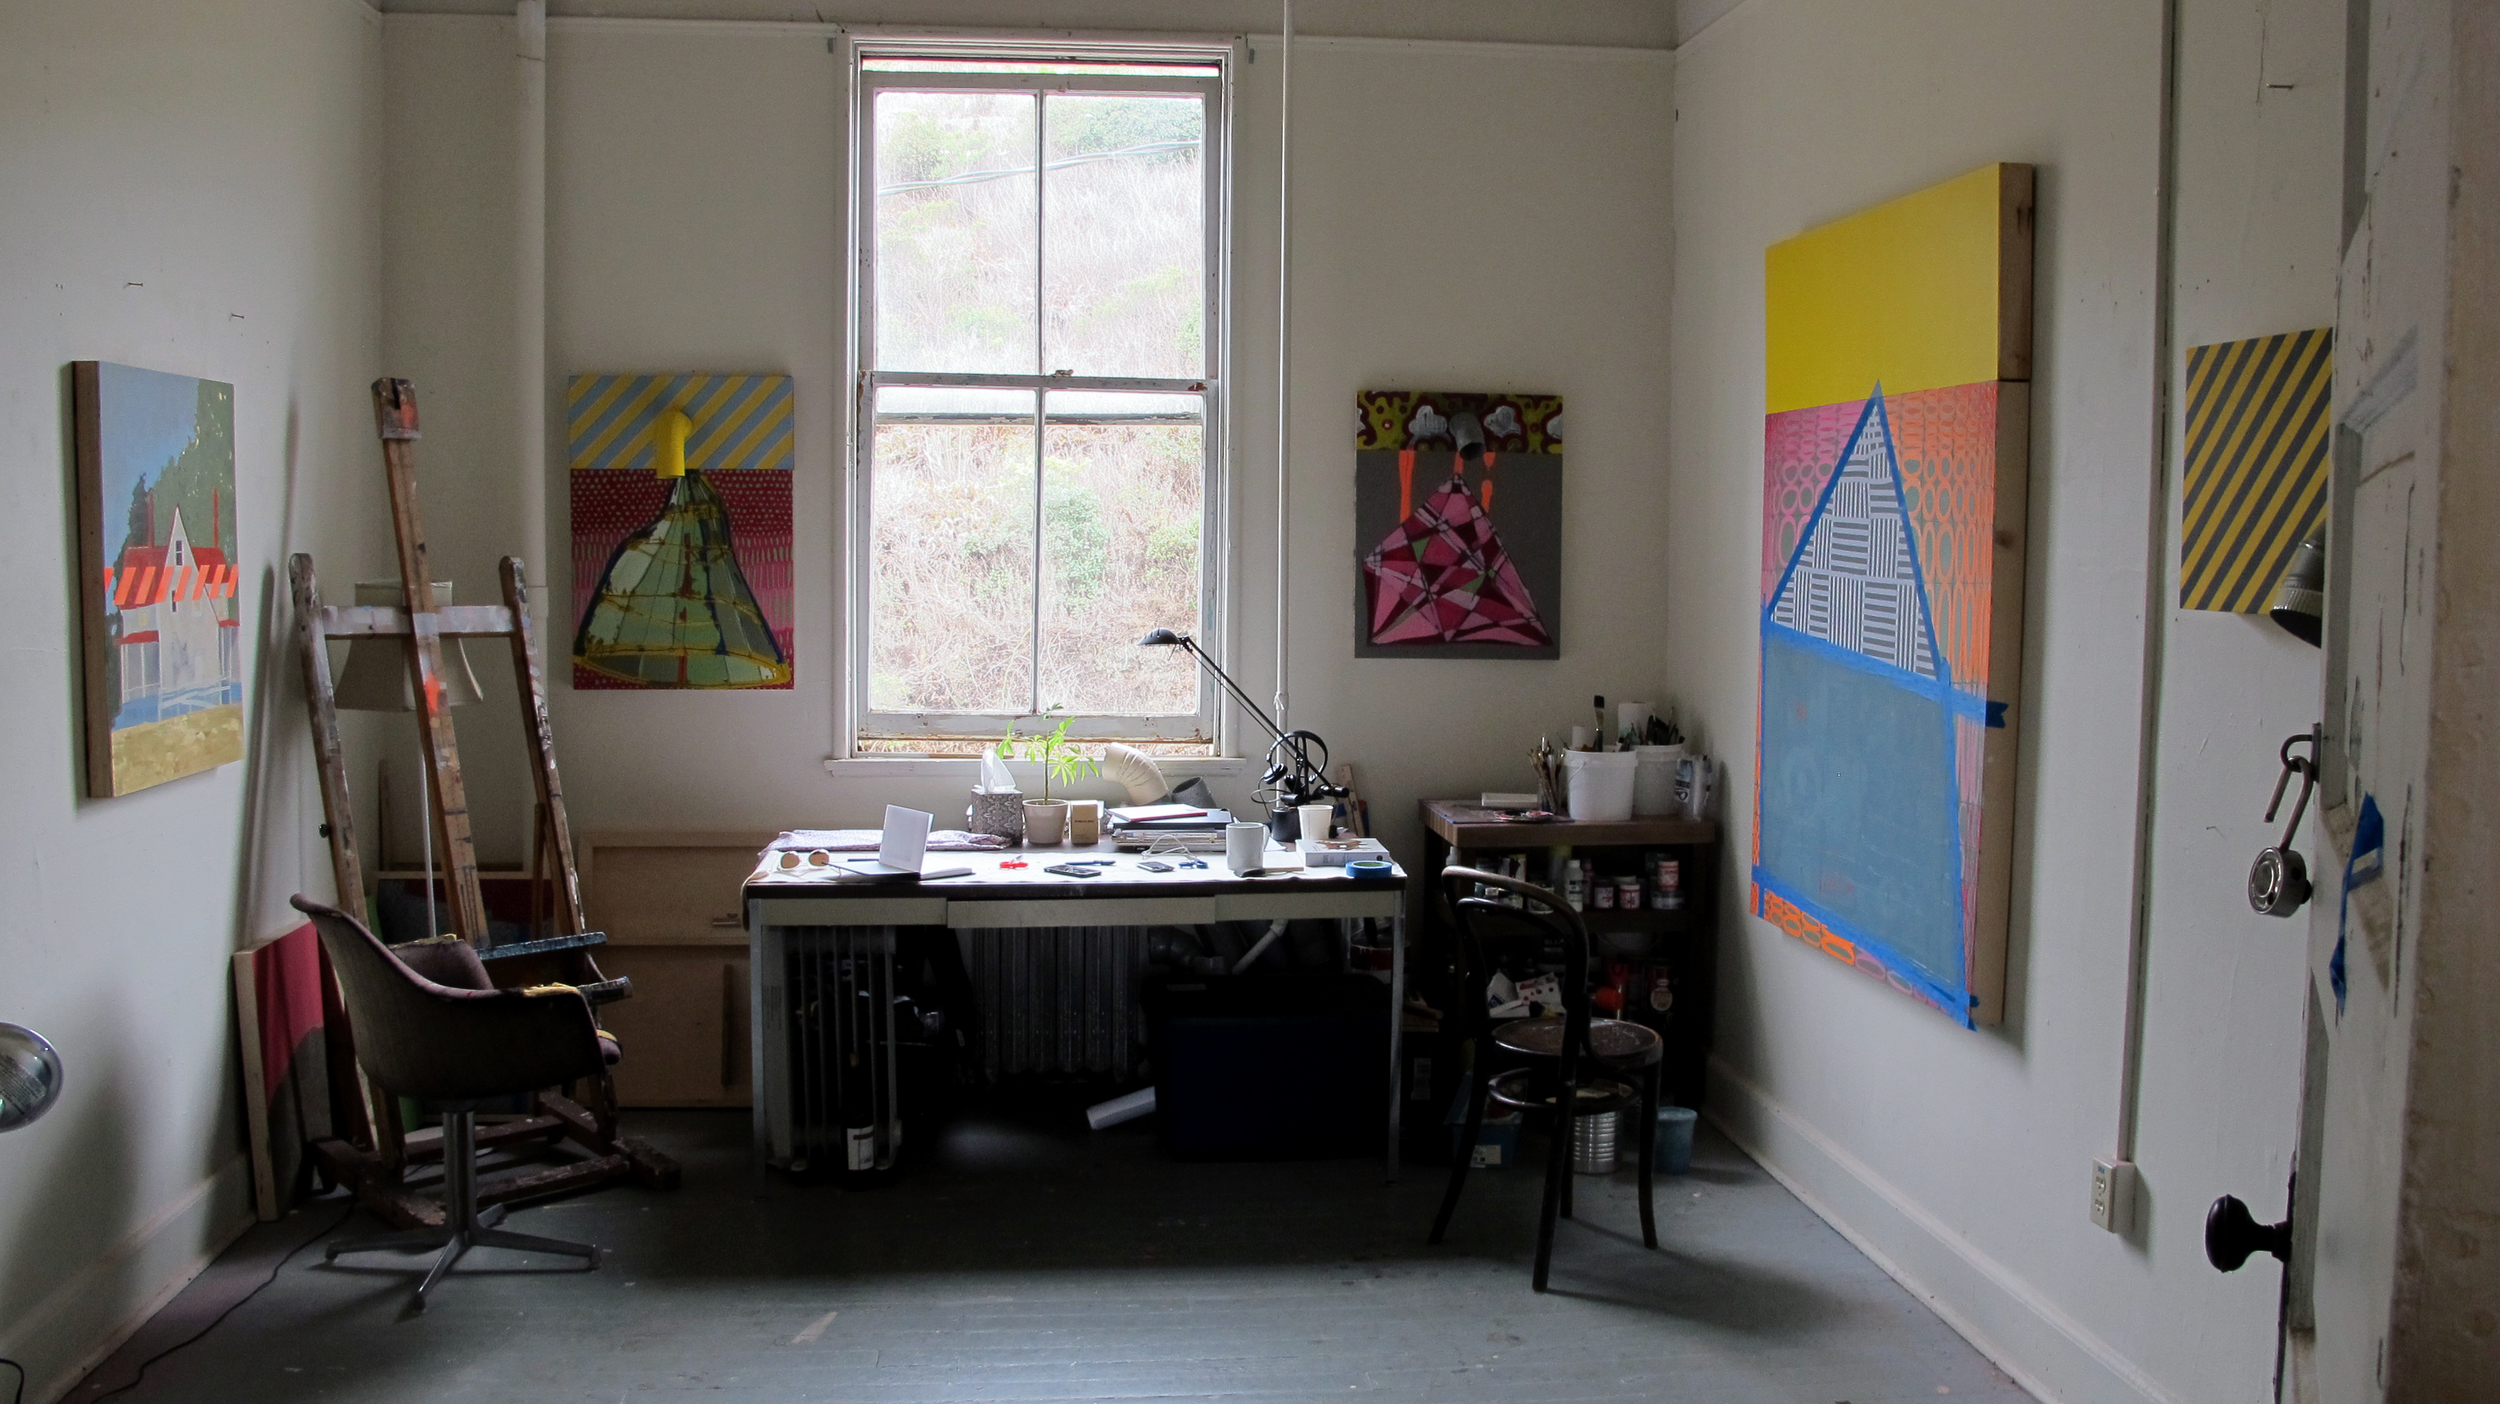 Studio in Headlands Center of the arts